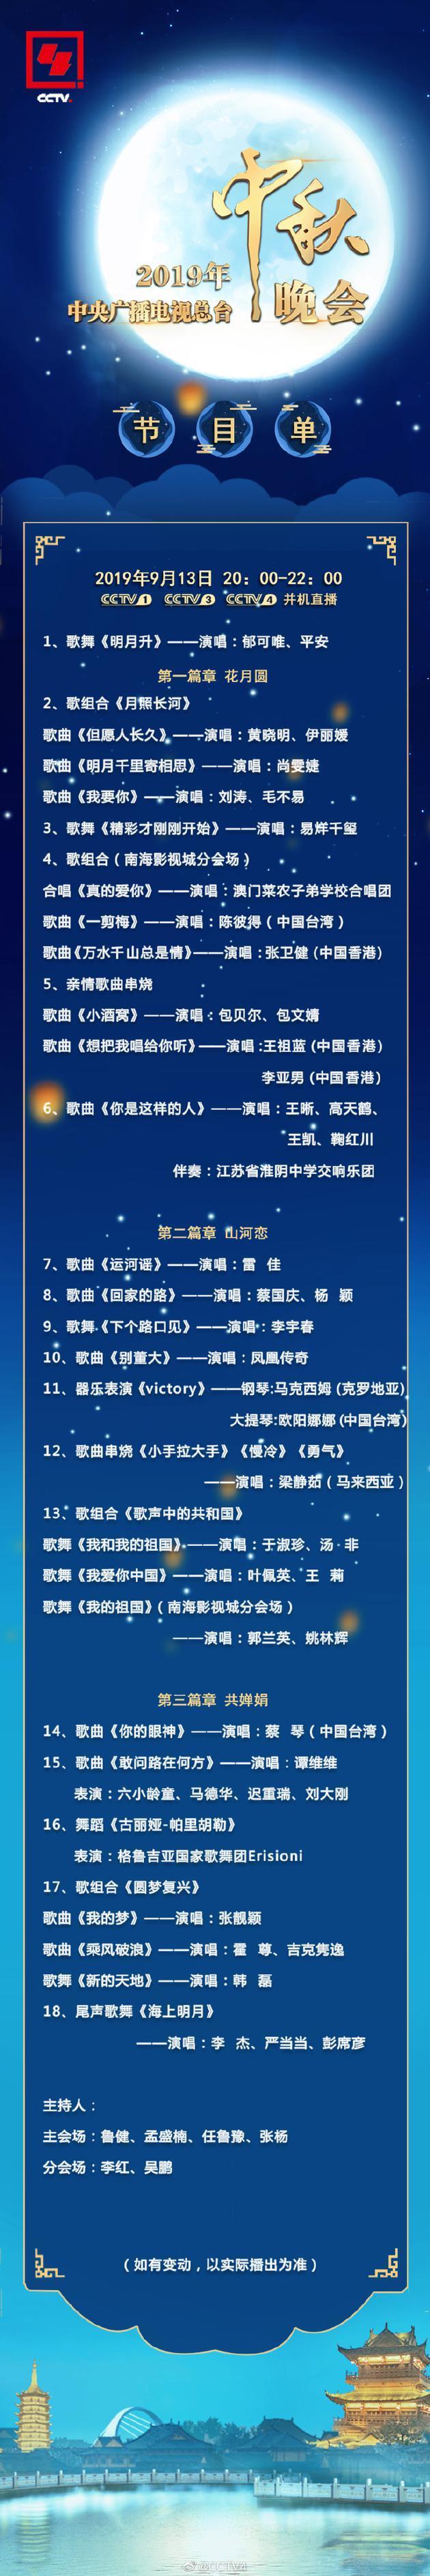 你期待吗?中秋晚会节目单公布 易烊千玺、毛不易、李宇春在列